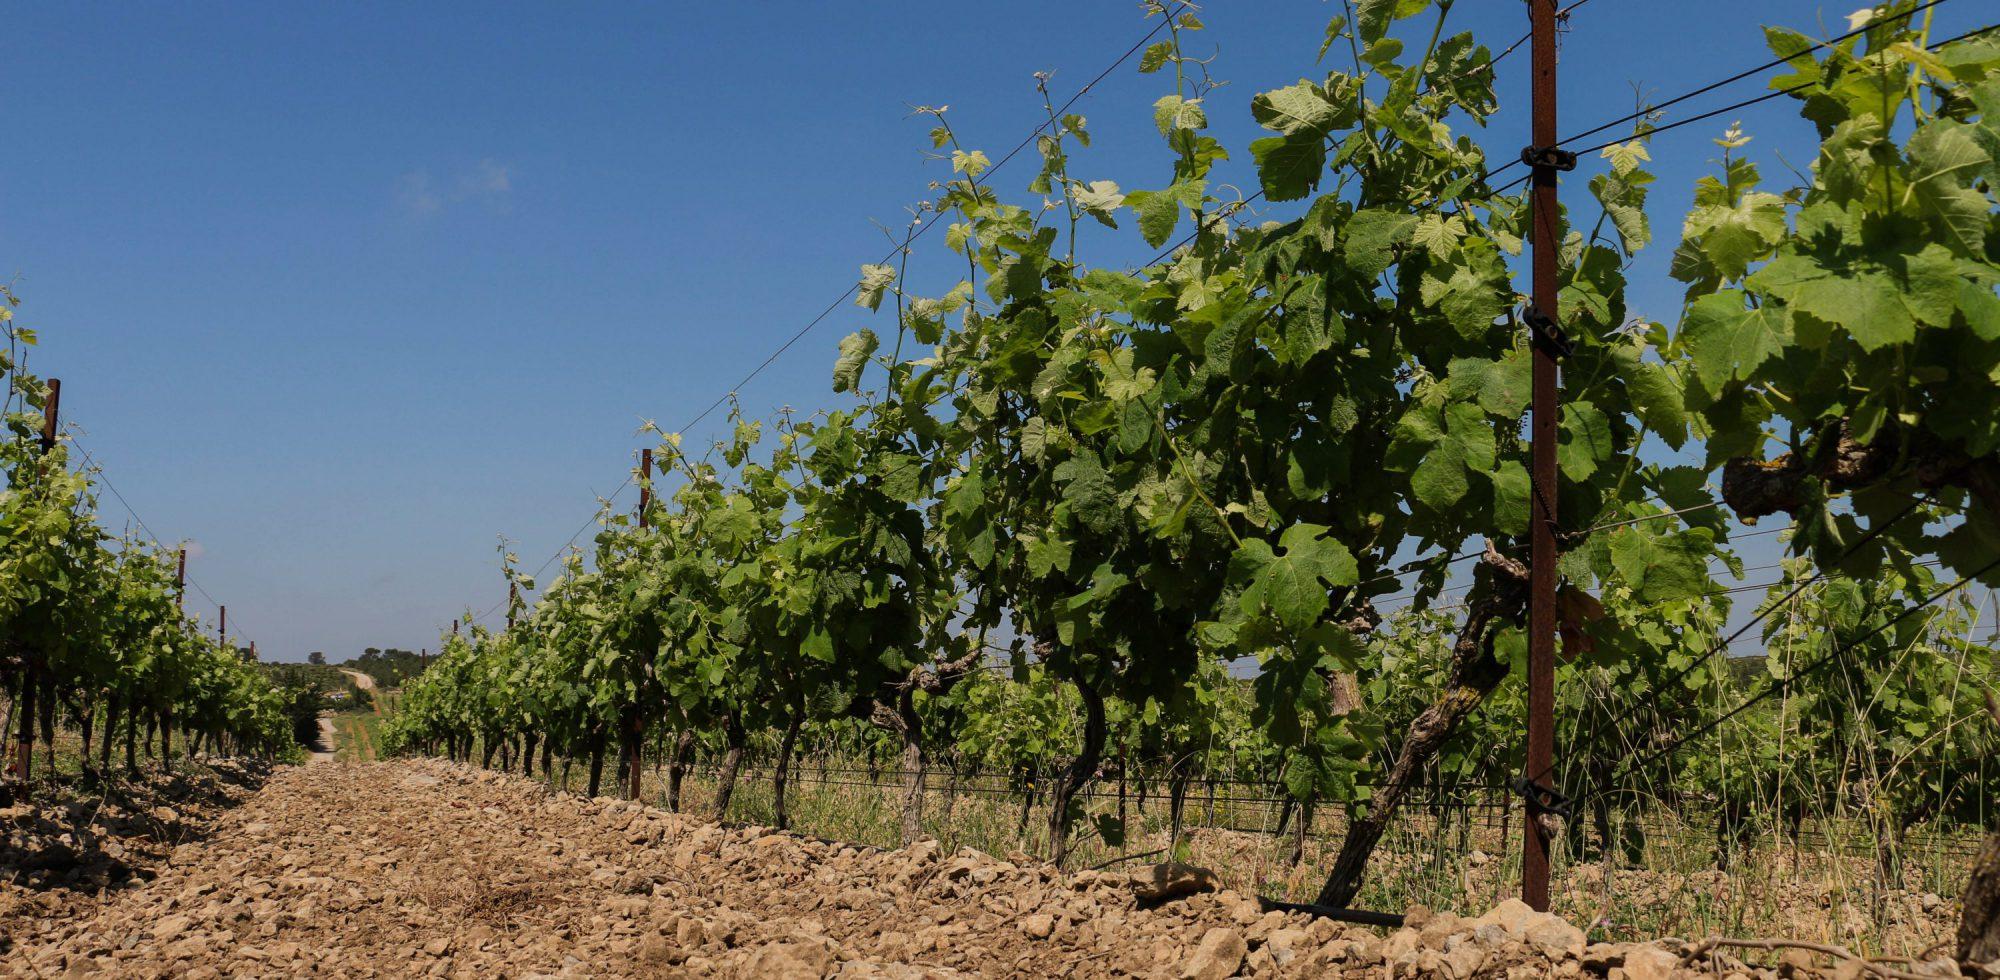 Château Camplazens - vignoble de la clape